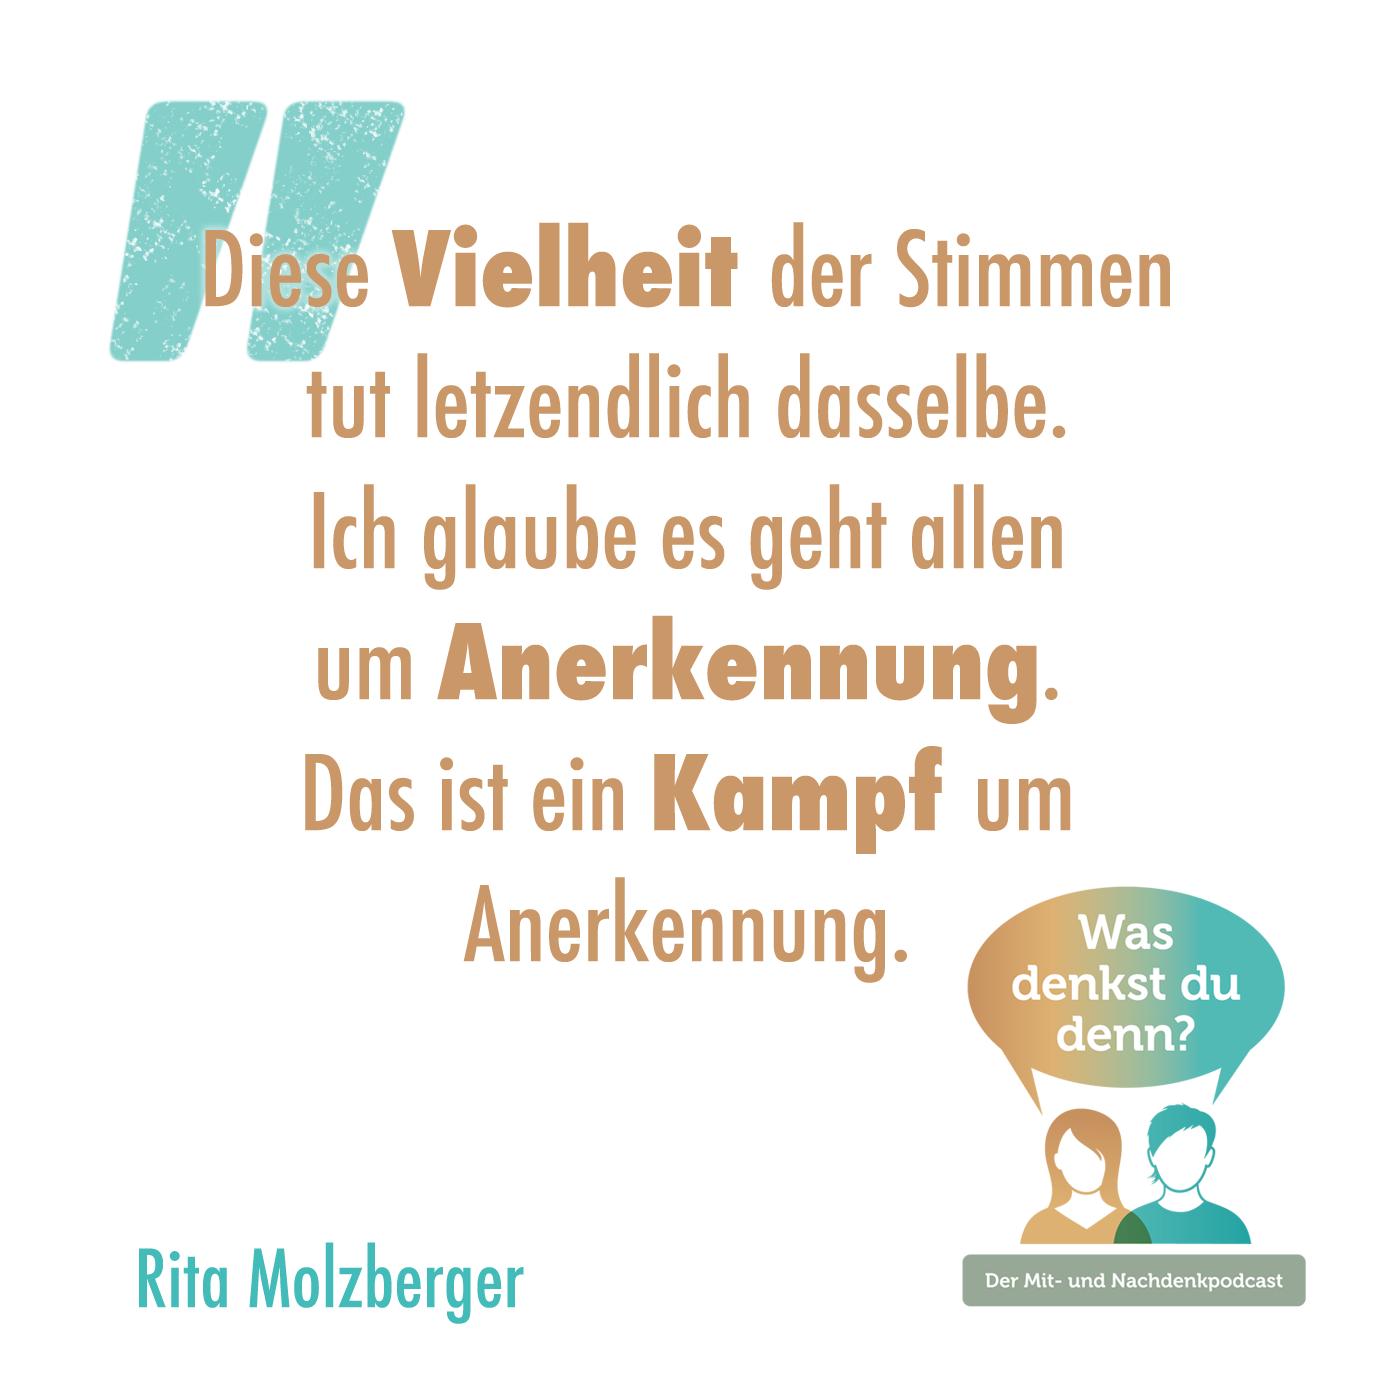 """Zitat von Rita Molzberger: """"Diese Vielheit der Stimmen tut letztlich dasselbe. Ich glaube es geht allen um Anerkennung. Das ist ein Kampf um Anerkennung."""""""